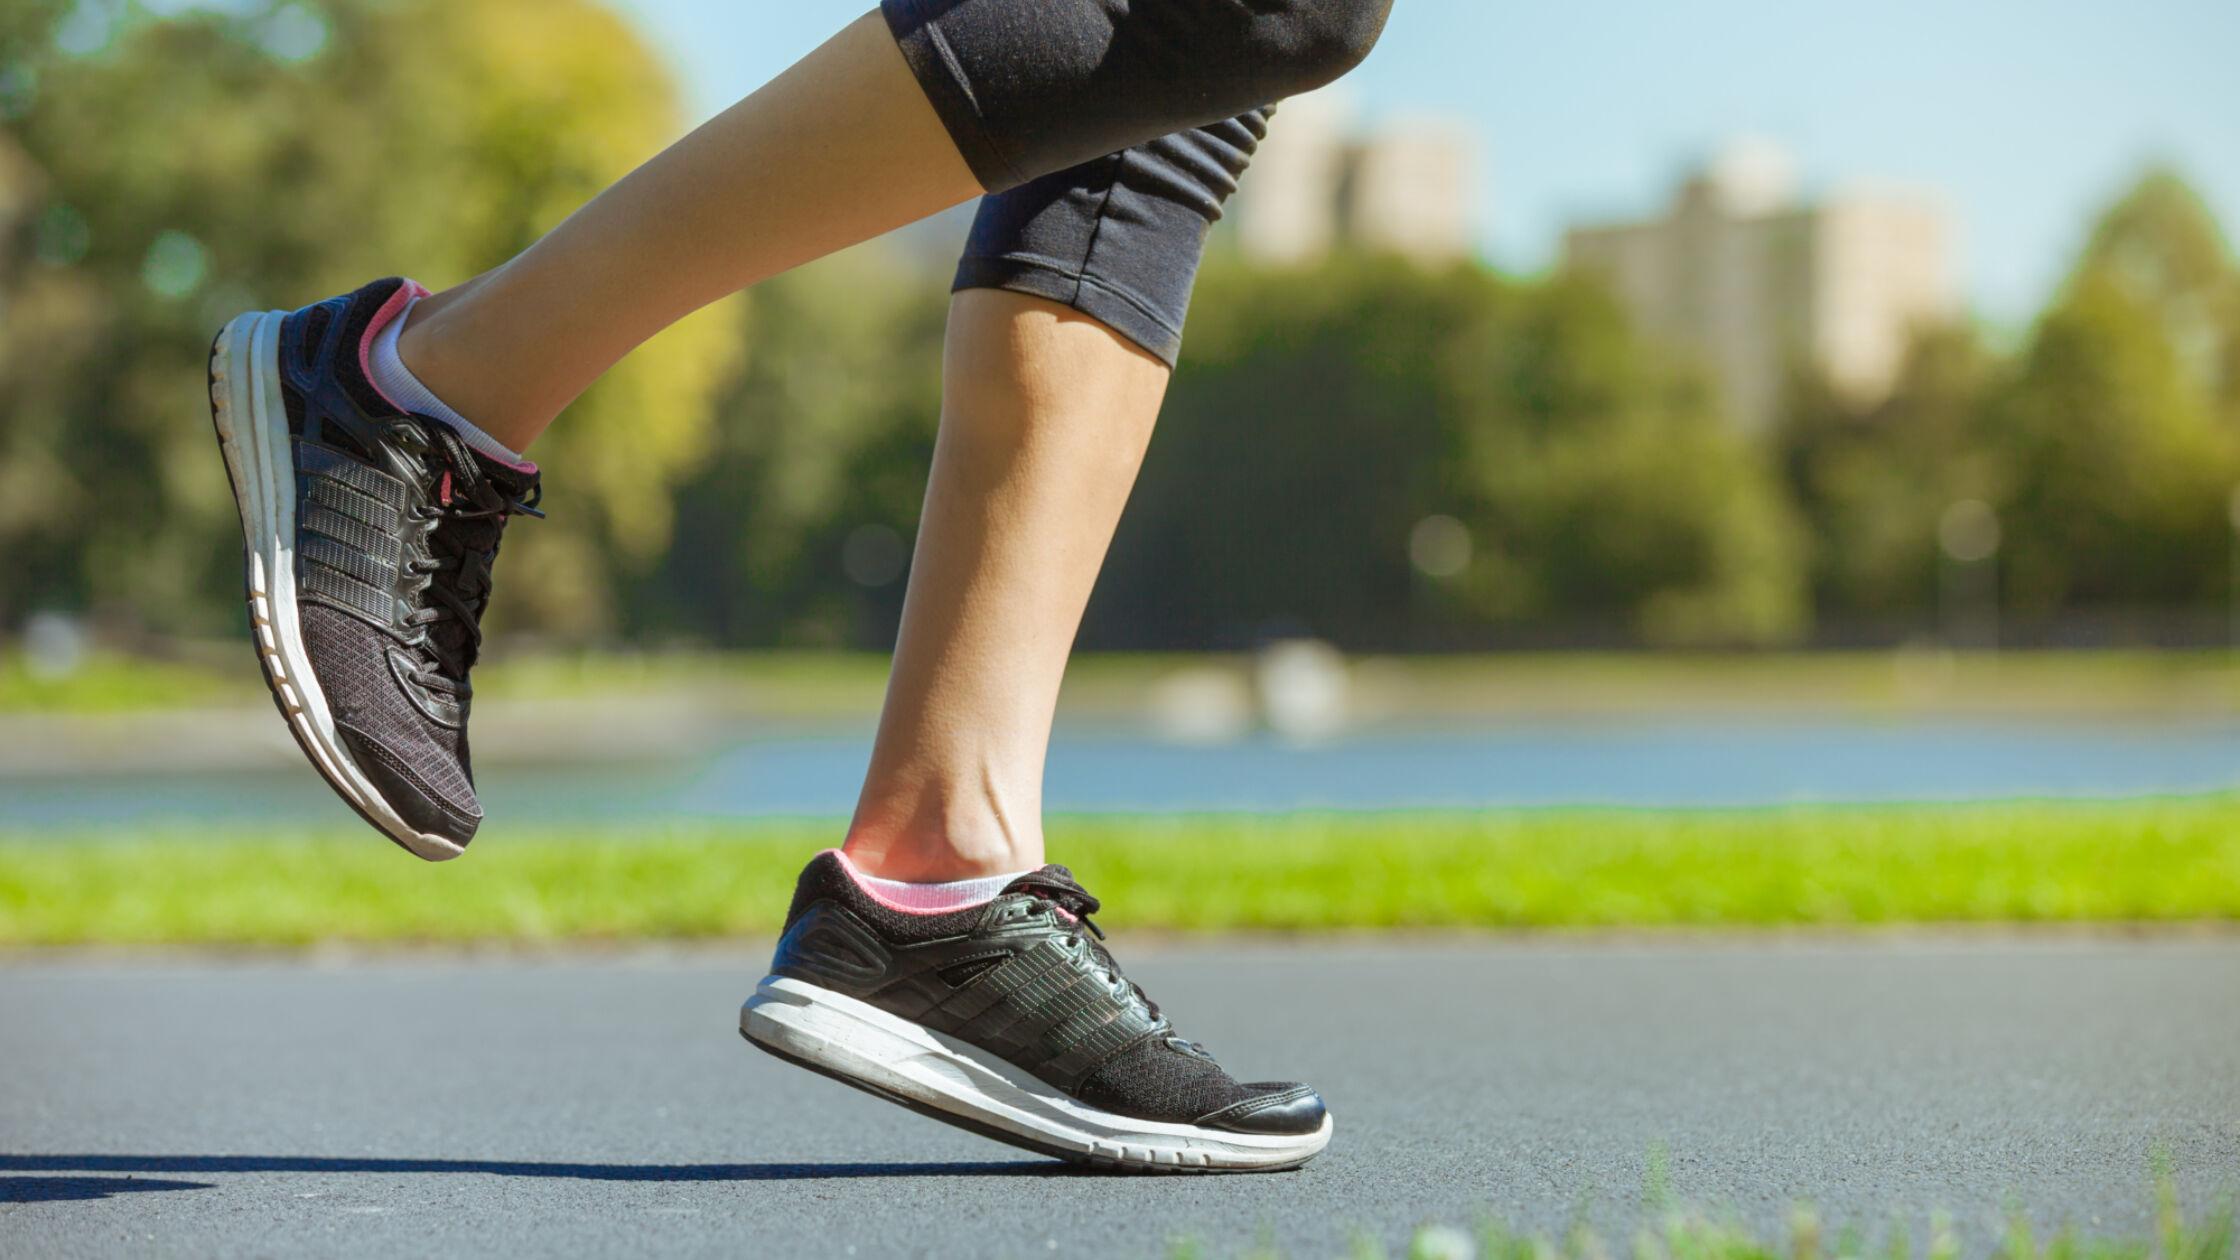 Expertvraag: wat is de juiste voetlanding?